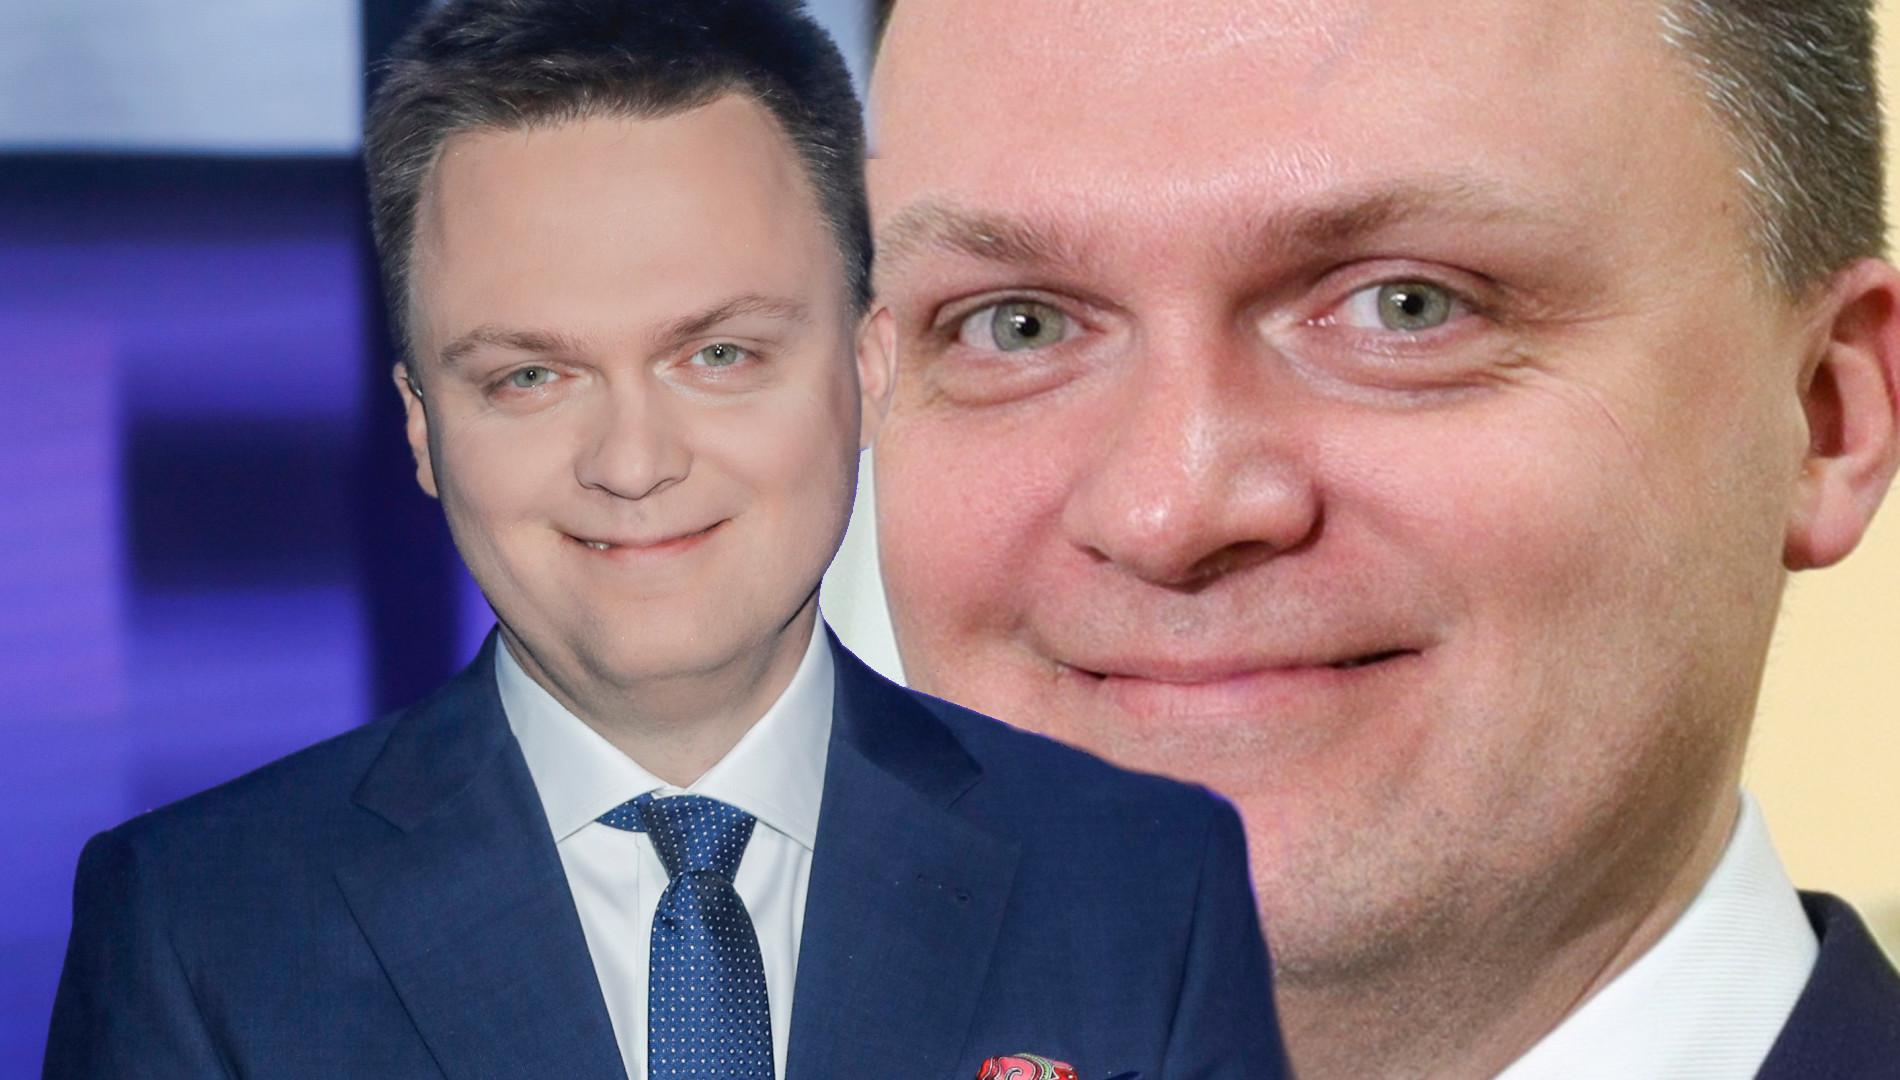 """Szymon Hołownia na Dzień Nauczyciela. MOCNE słowa: """"Po raz kolejny doświadczacie OBOJĘTNOŚCI I POGARDY"""""""